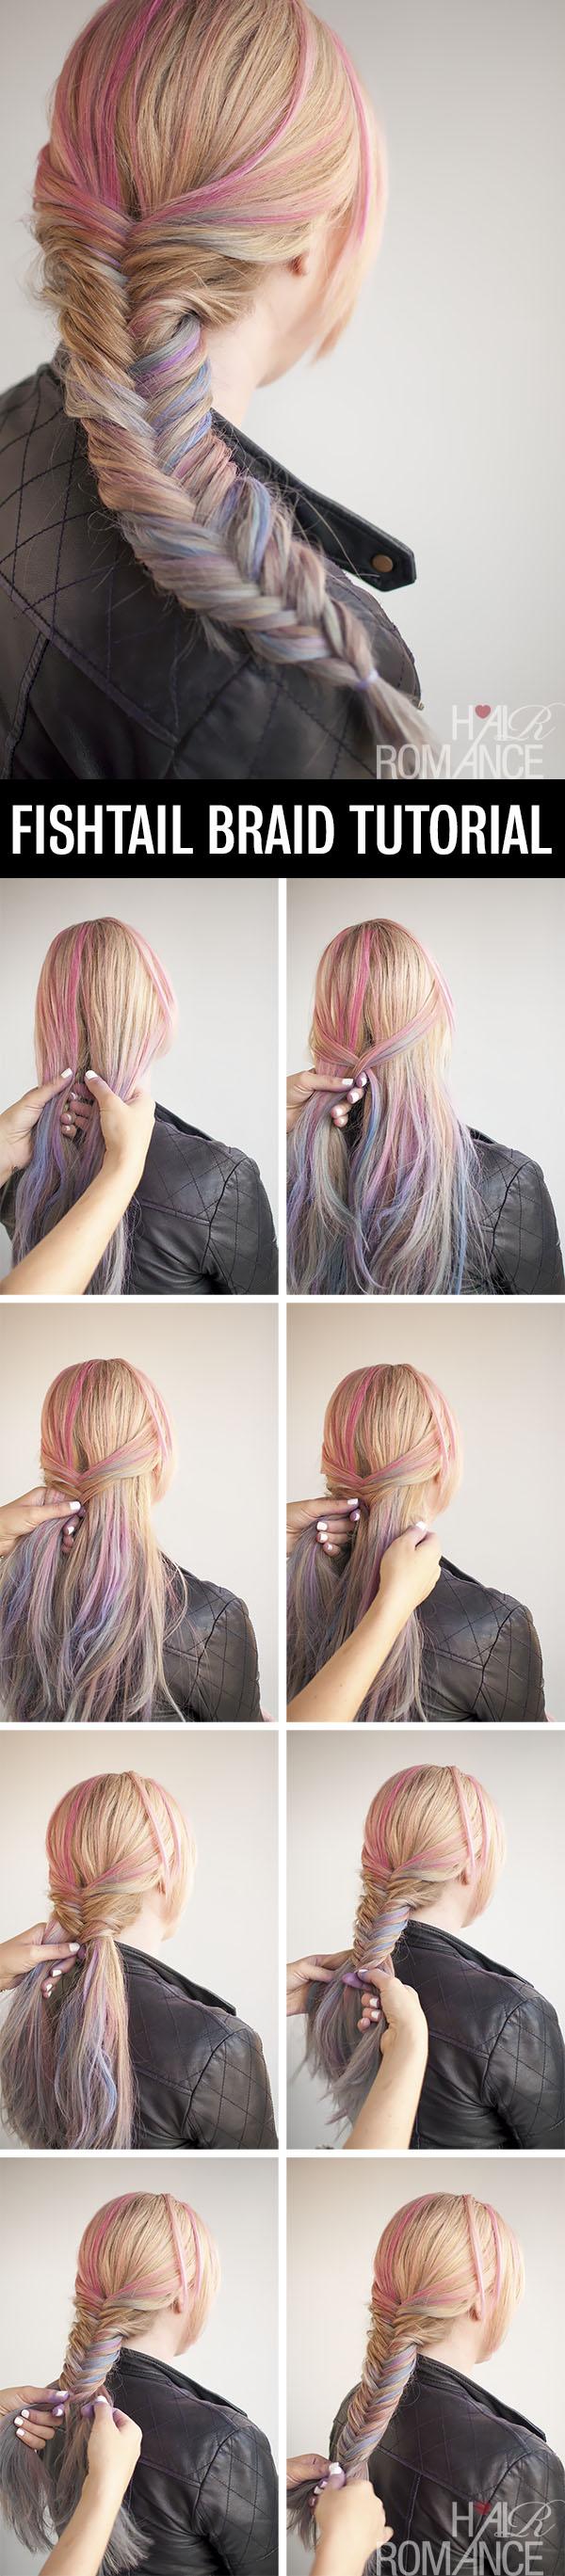 Hair Romance - Fishtail braid hairstyle tutorial with hair chalk